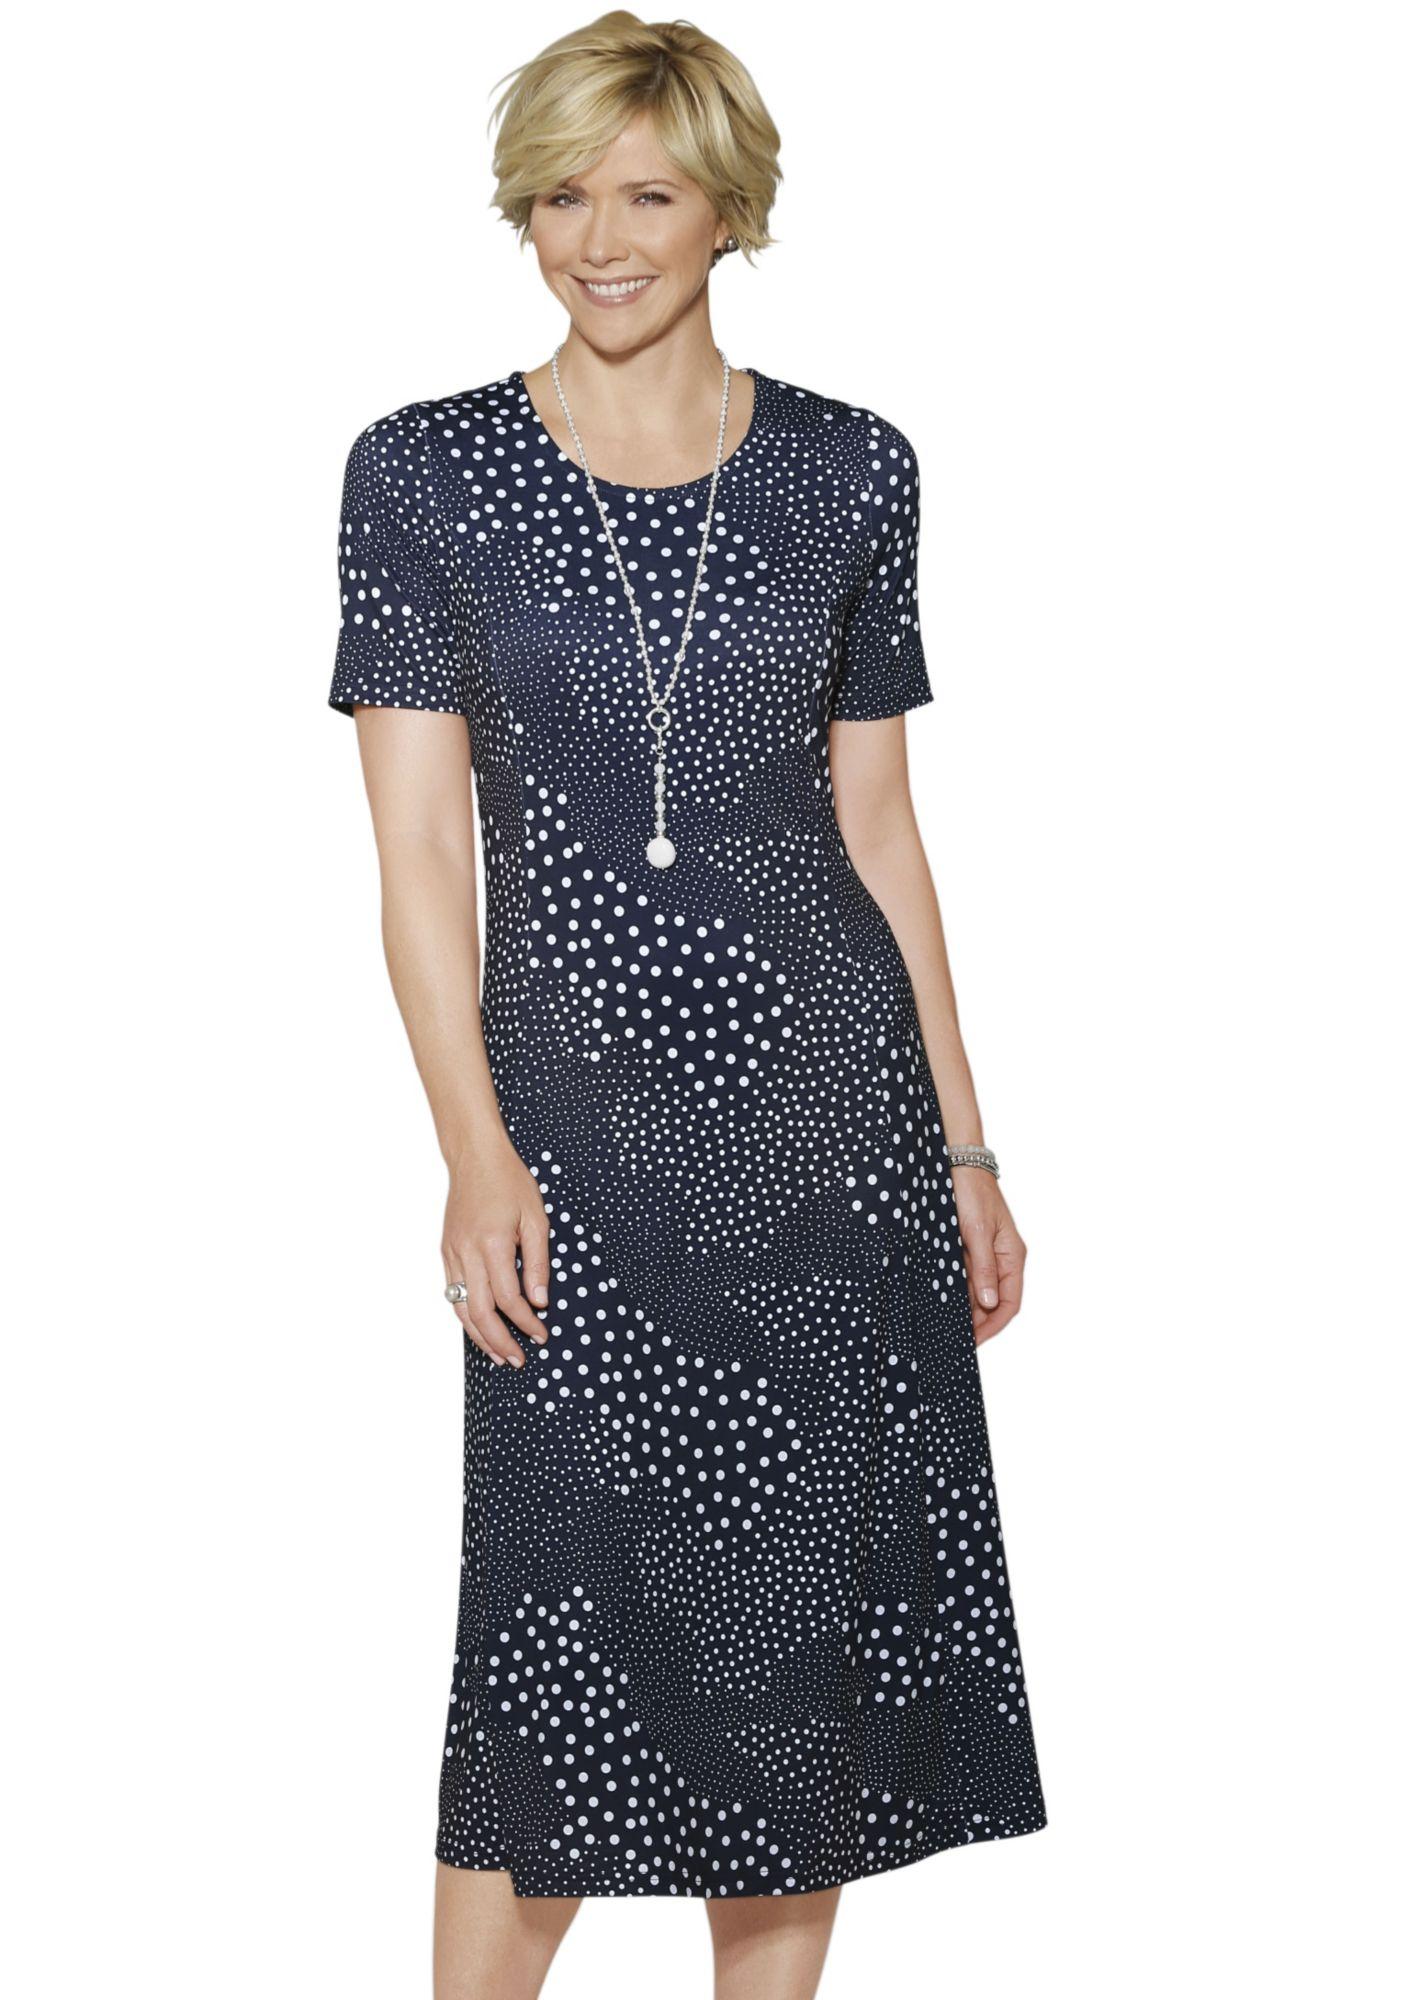 CLASSIC Classic Jersey-Kleid mit angesagtem Patchwork-Tupfen-Druck